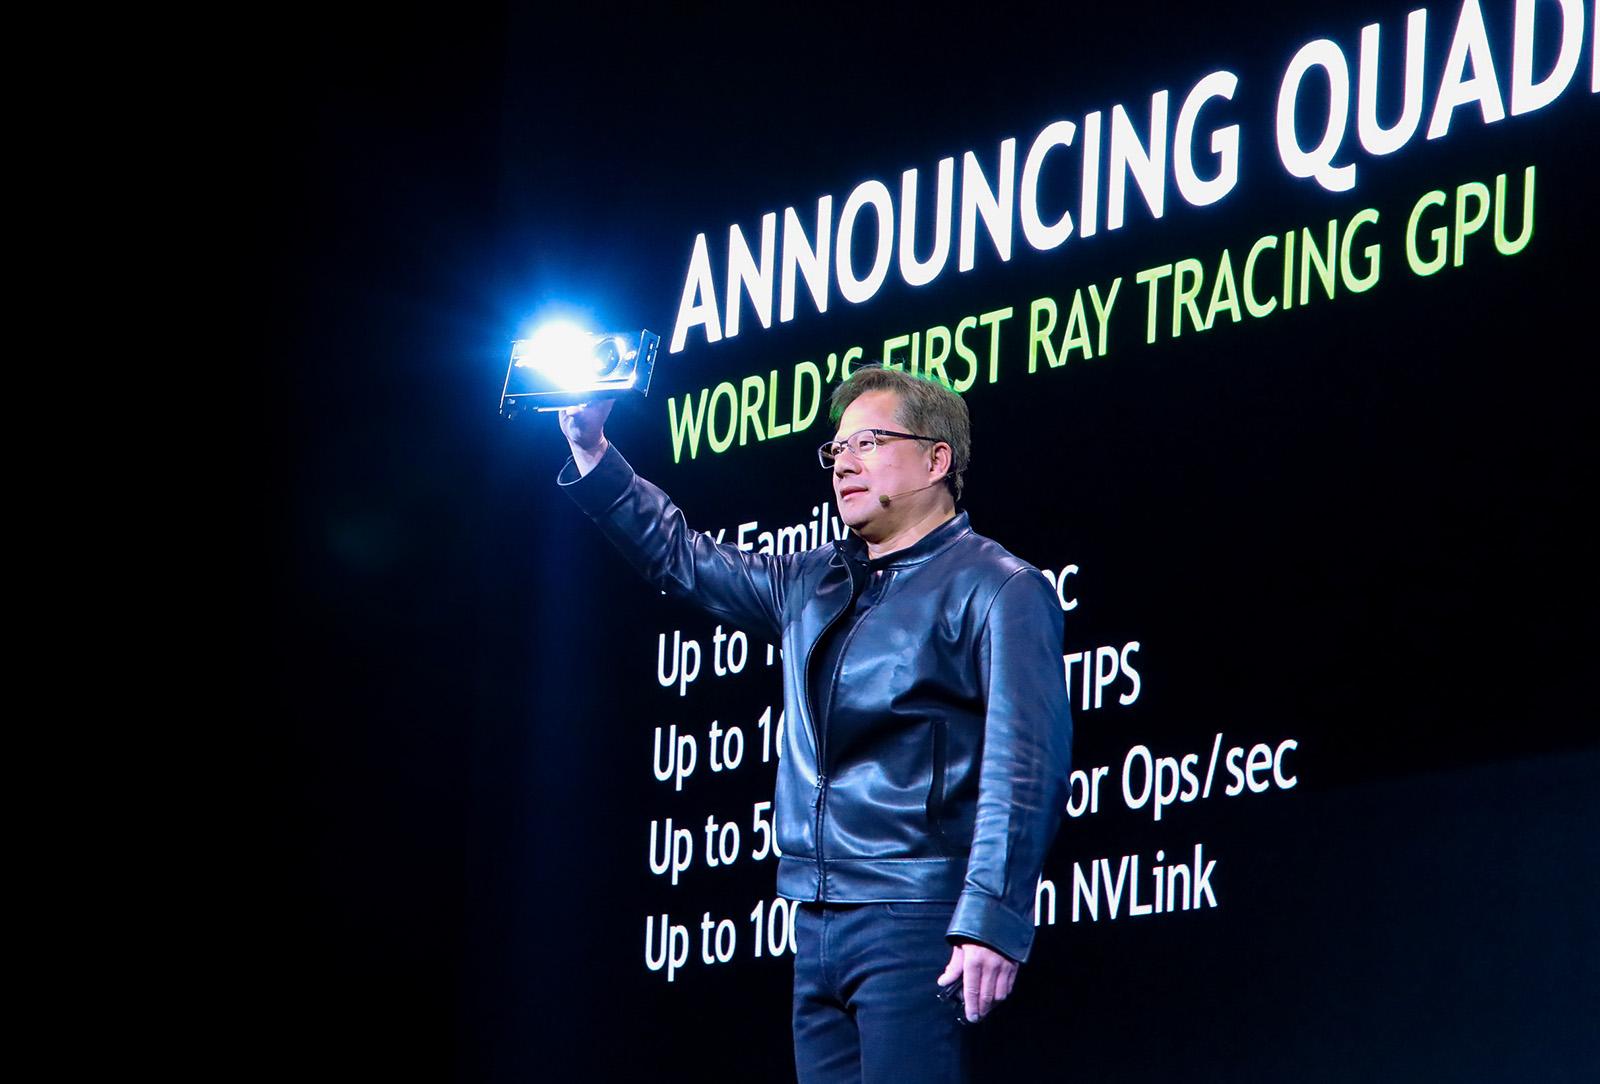 Nvidia Quadro 2018 08 15 01